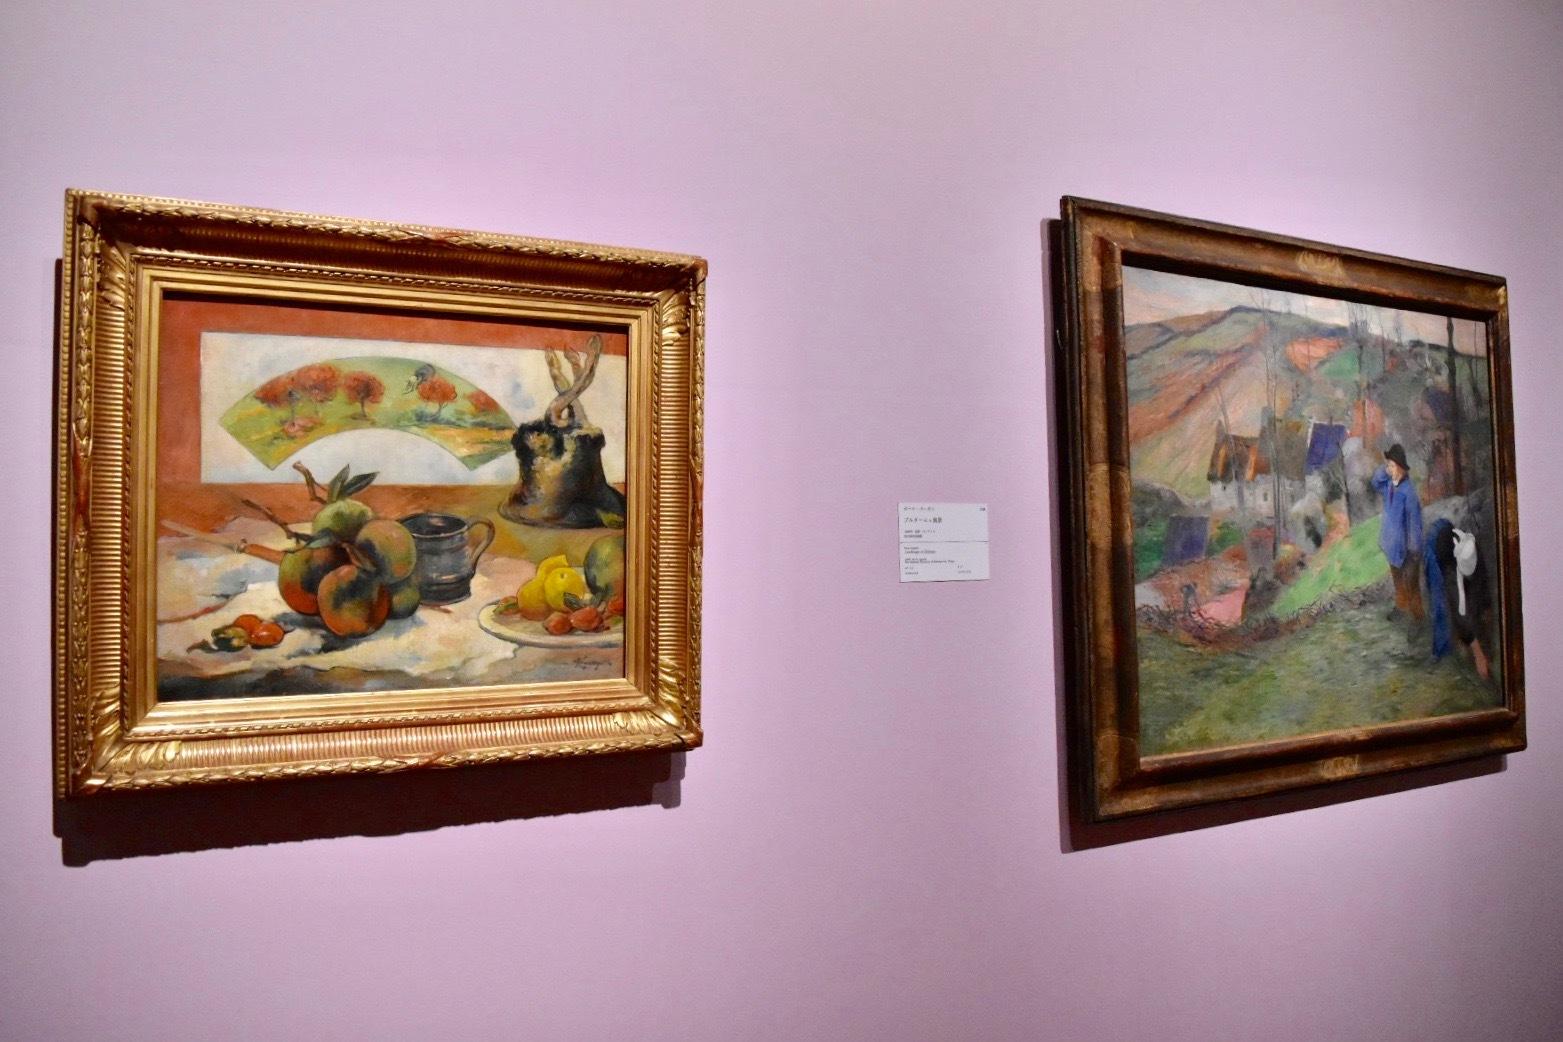 左:ポール・ゴーガン 《扇のある静物》 1889年頃 オルセー美術館蔵 右:ポール・ゴーガン 《ブルターニュ風景》 1888年 国立西洋美術館蔵